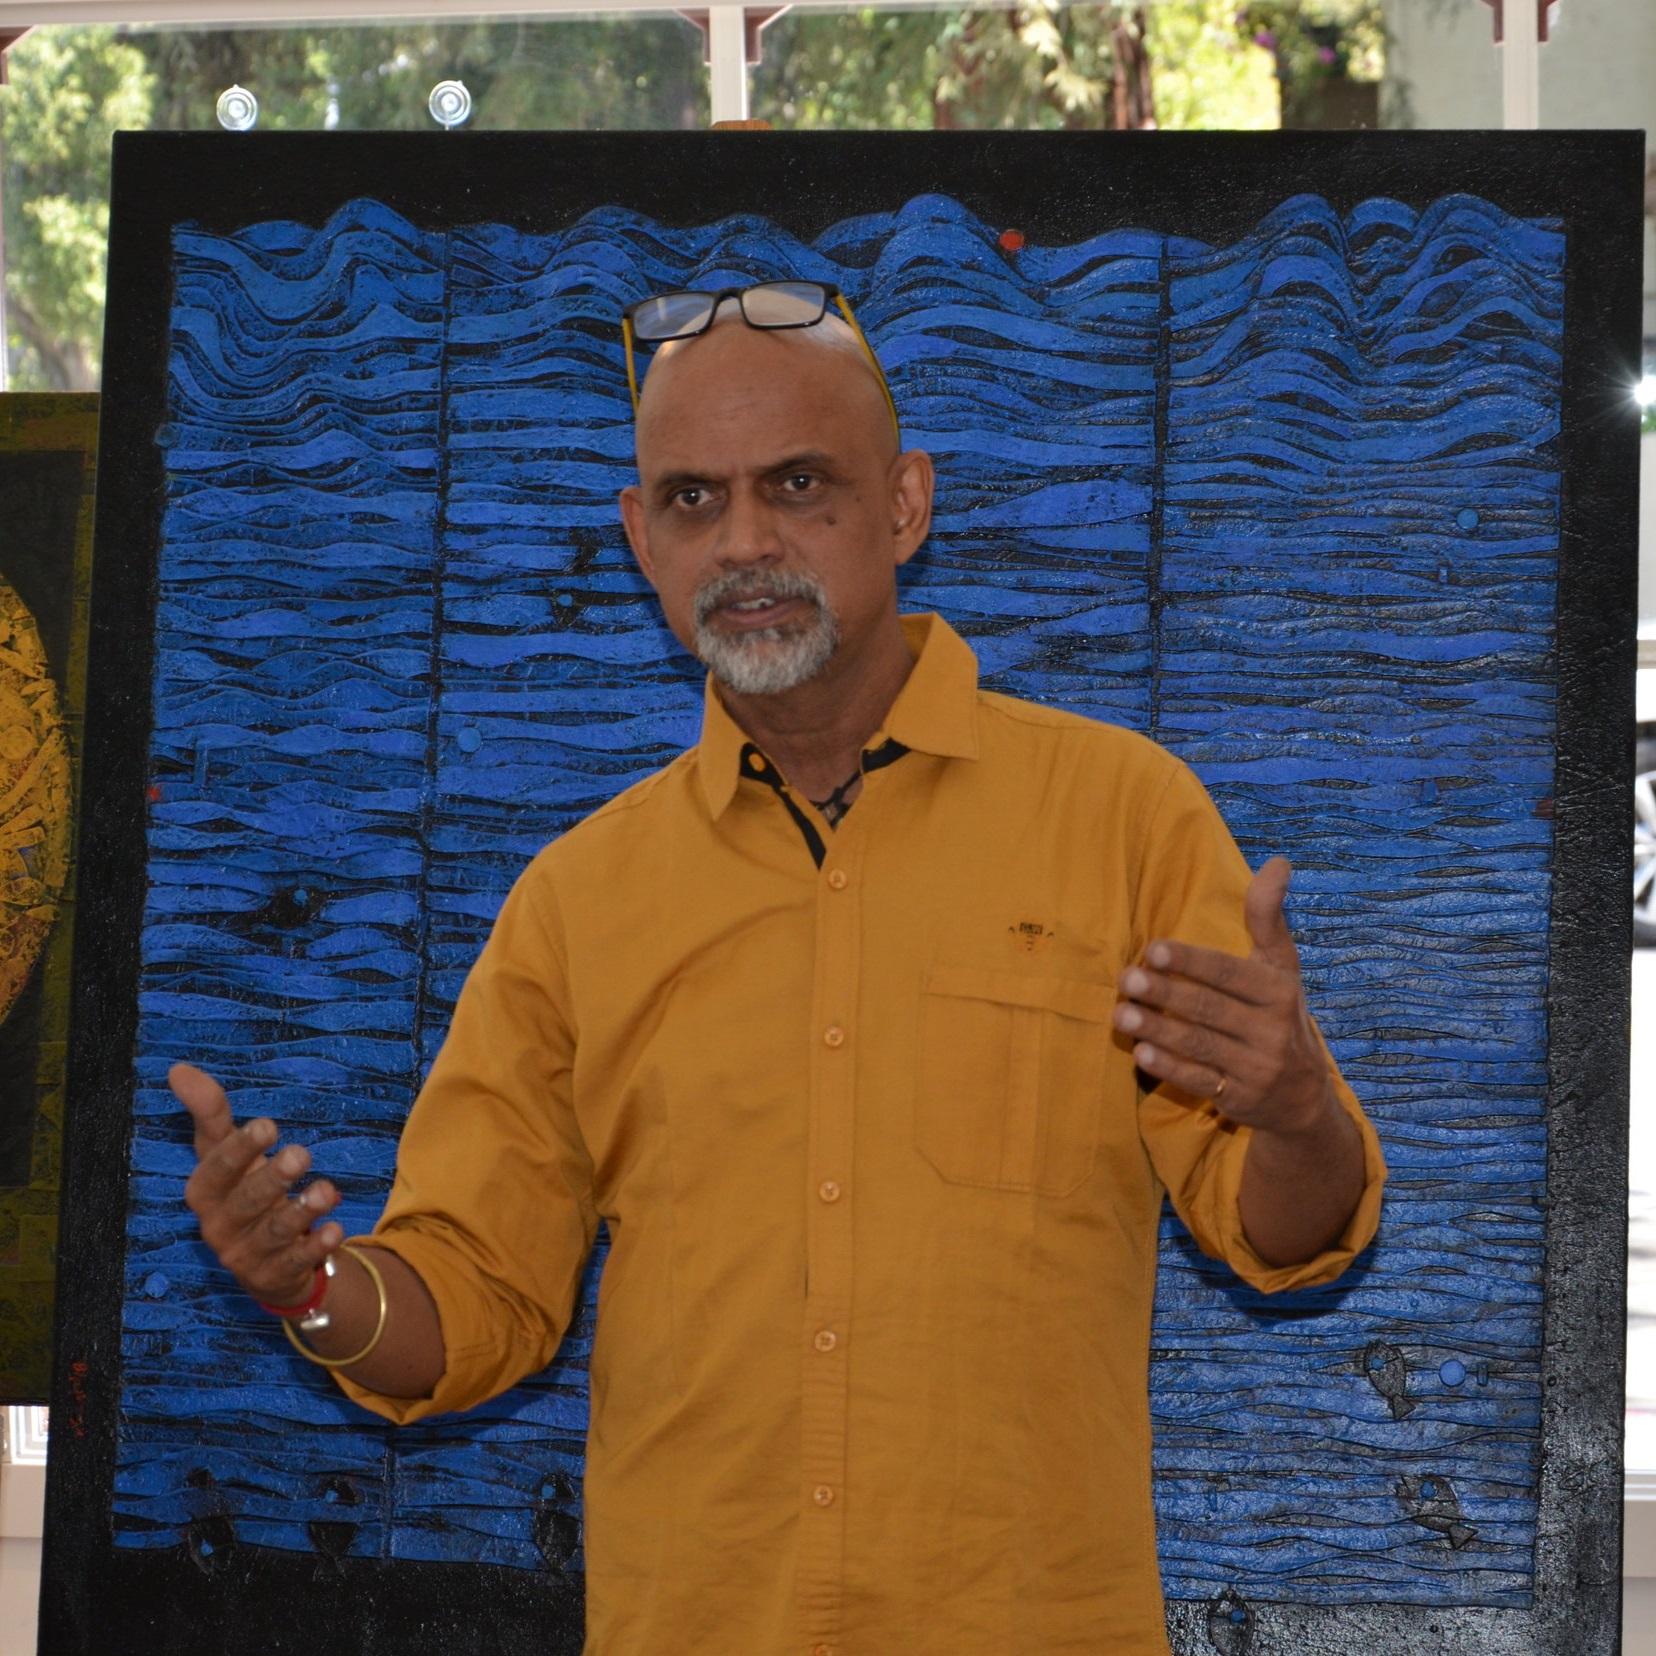 Basuki Das Gupta, Artist